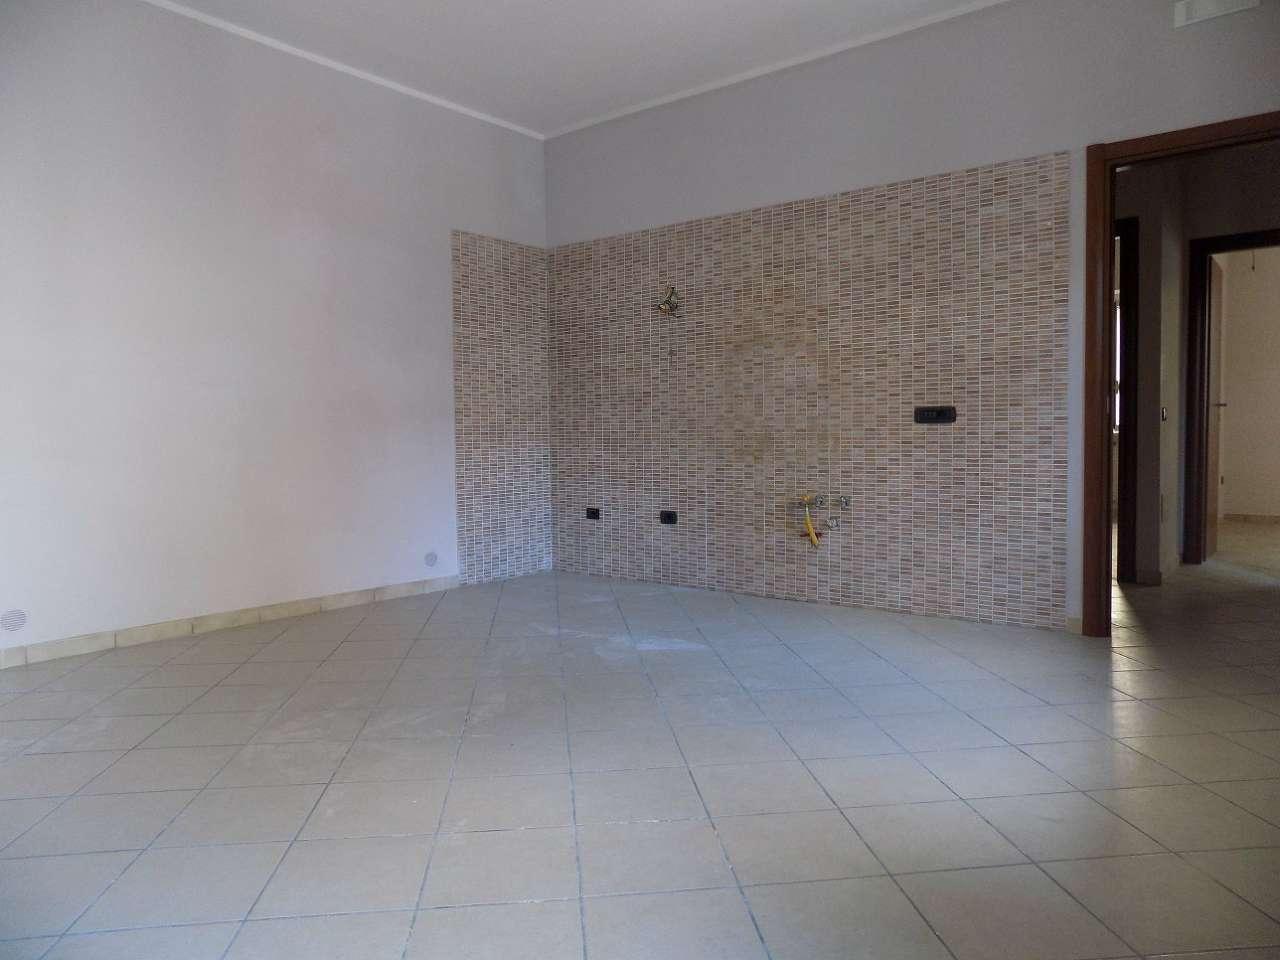 Appartamento in vendita a Casalnuovo di Napoli, 3 locali, prezzo € 120.000 | Cambio Casa.it